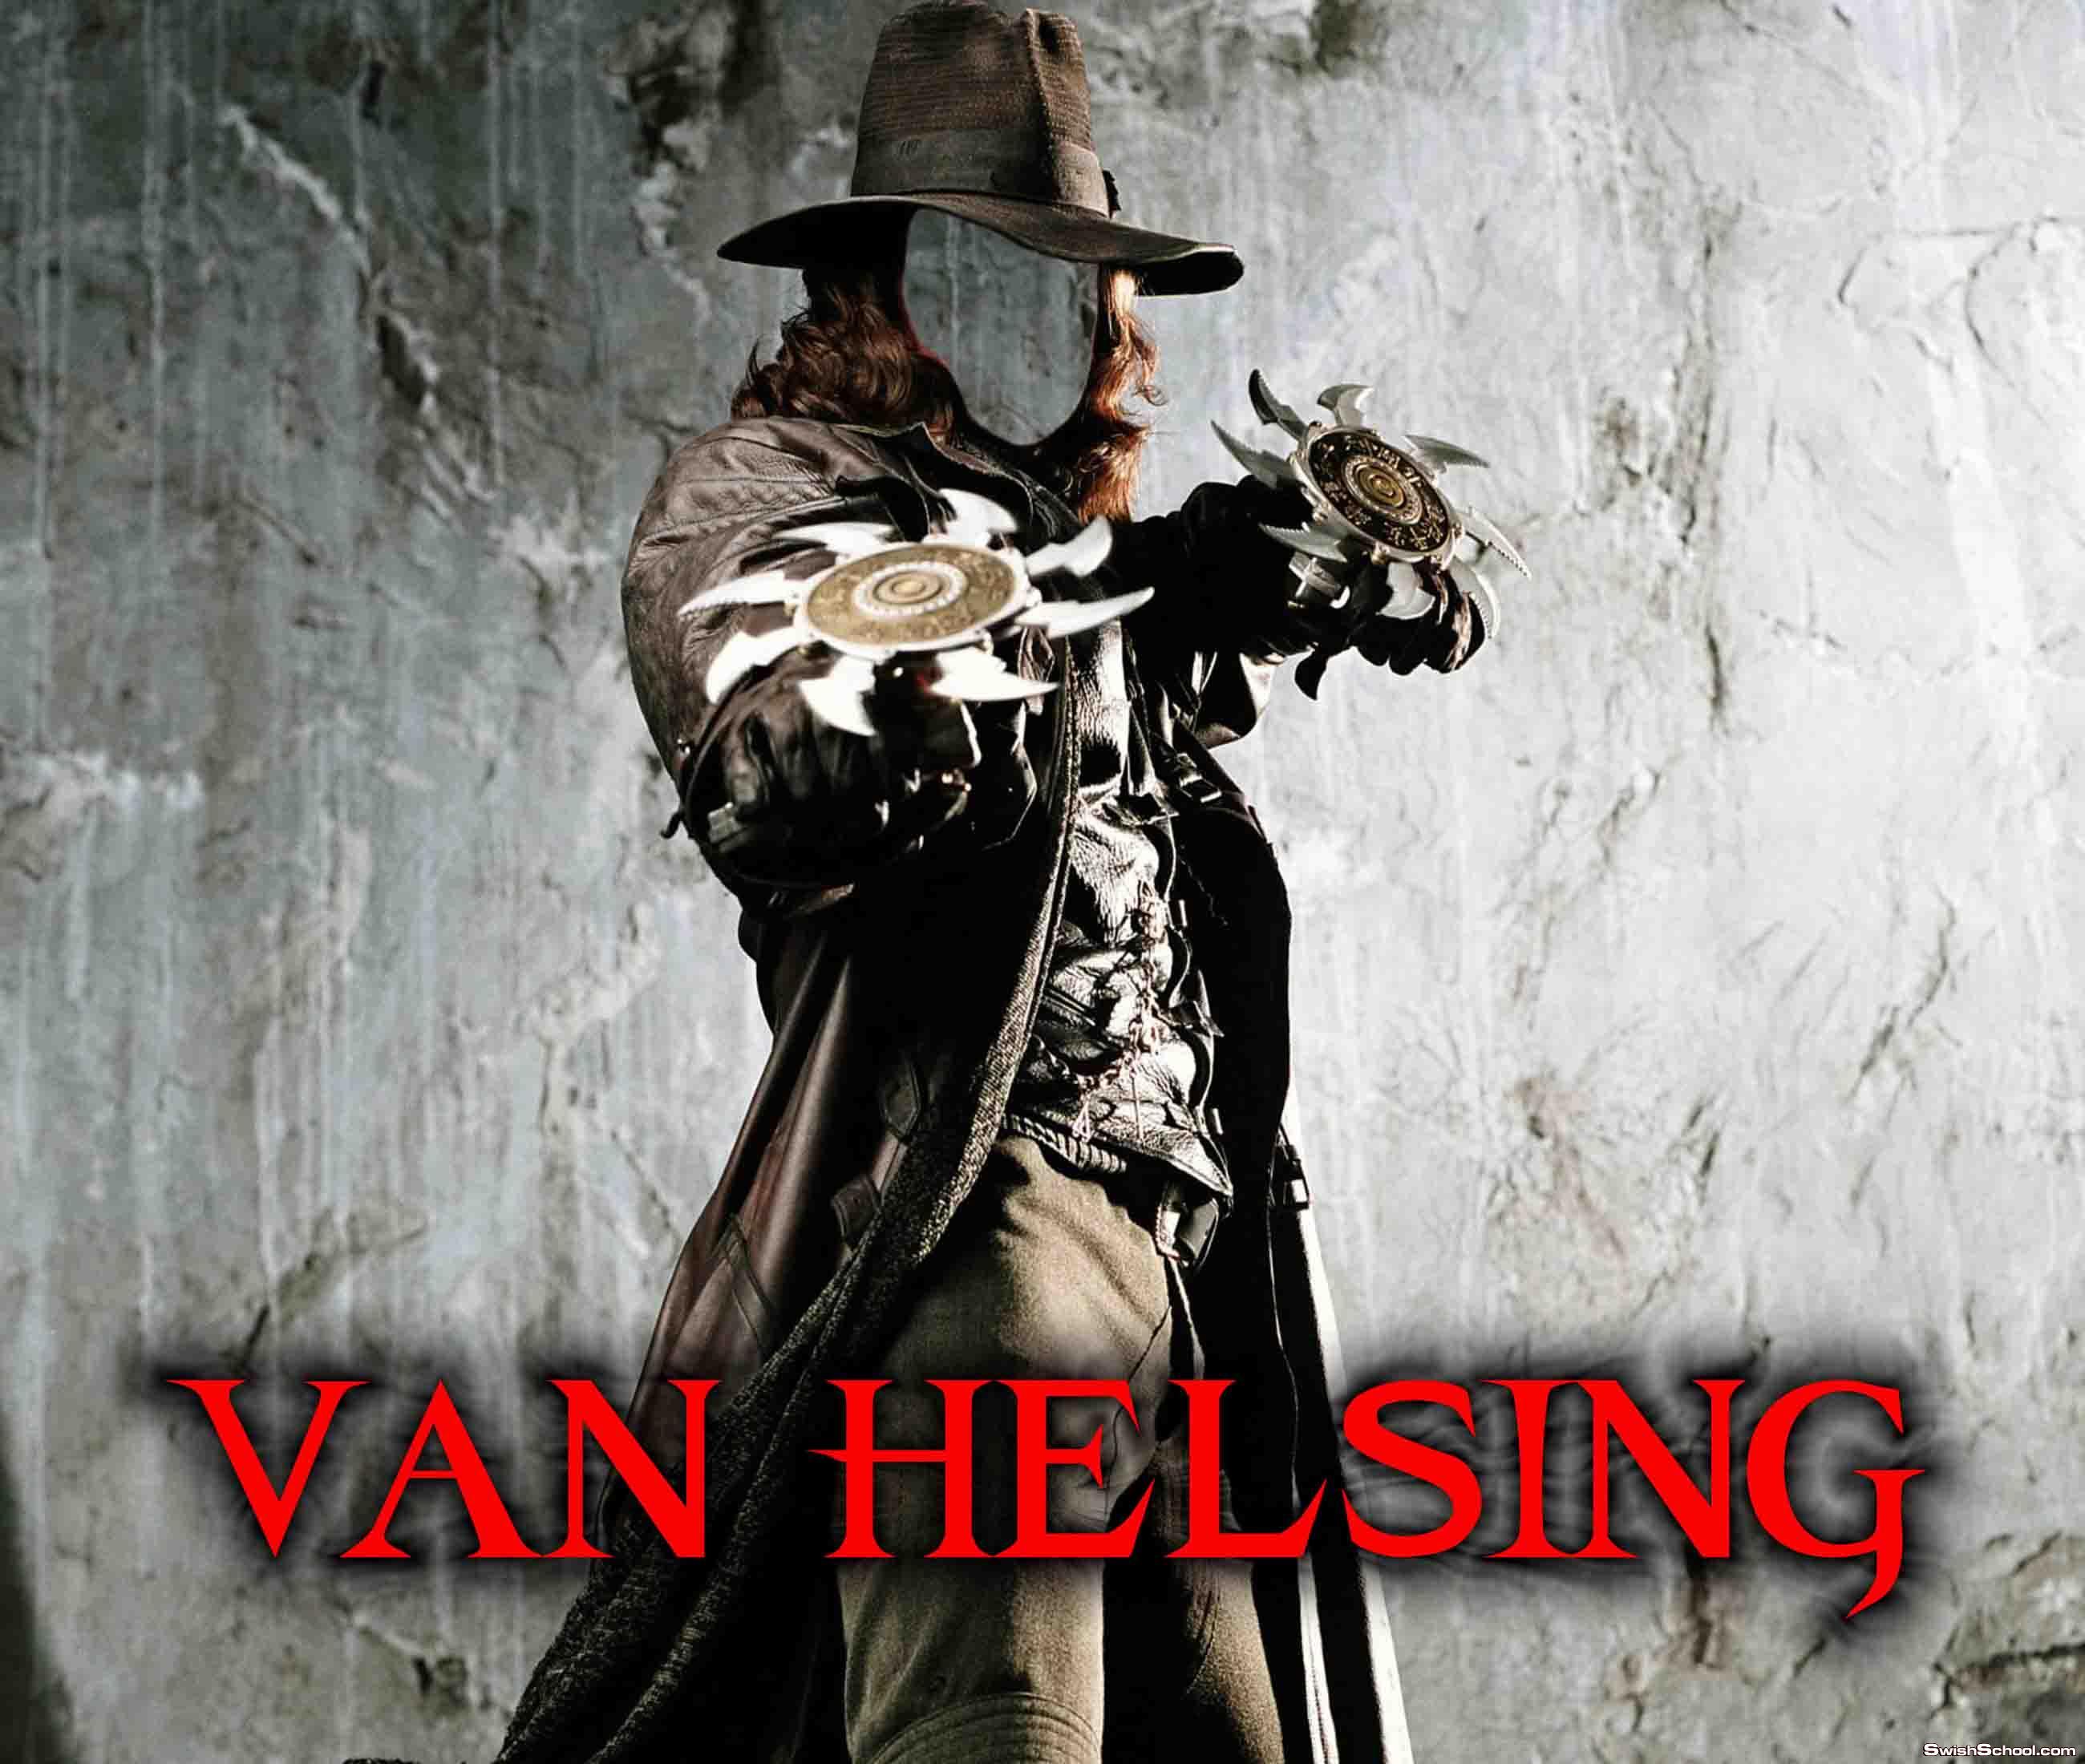 حصرى قالب فان هلسين Van helsing